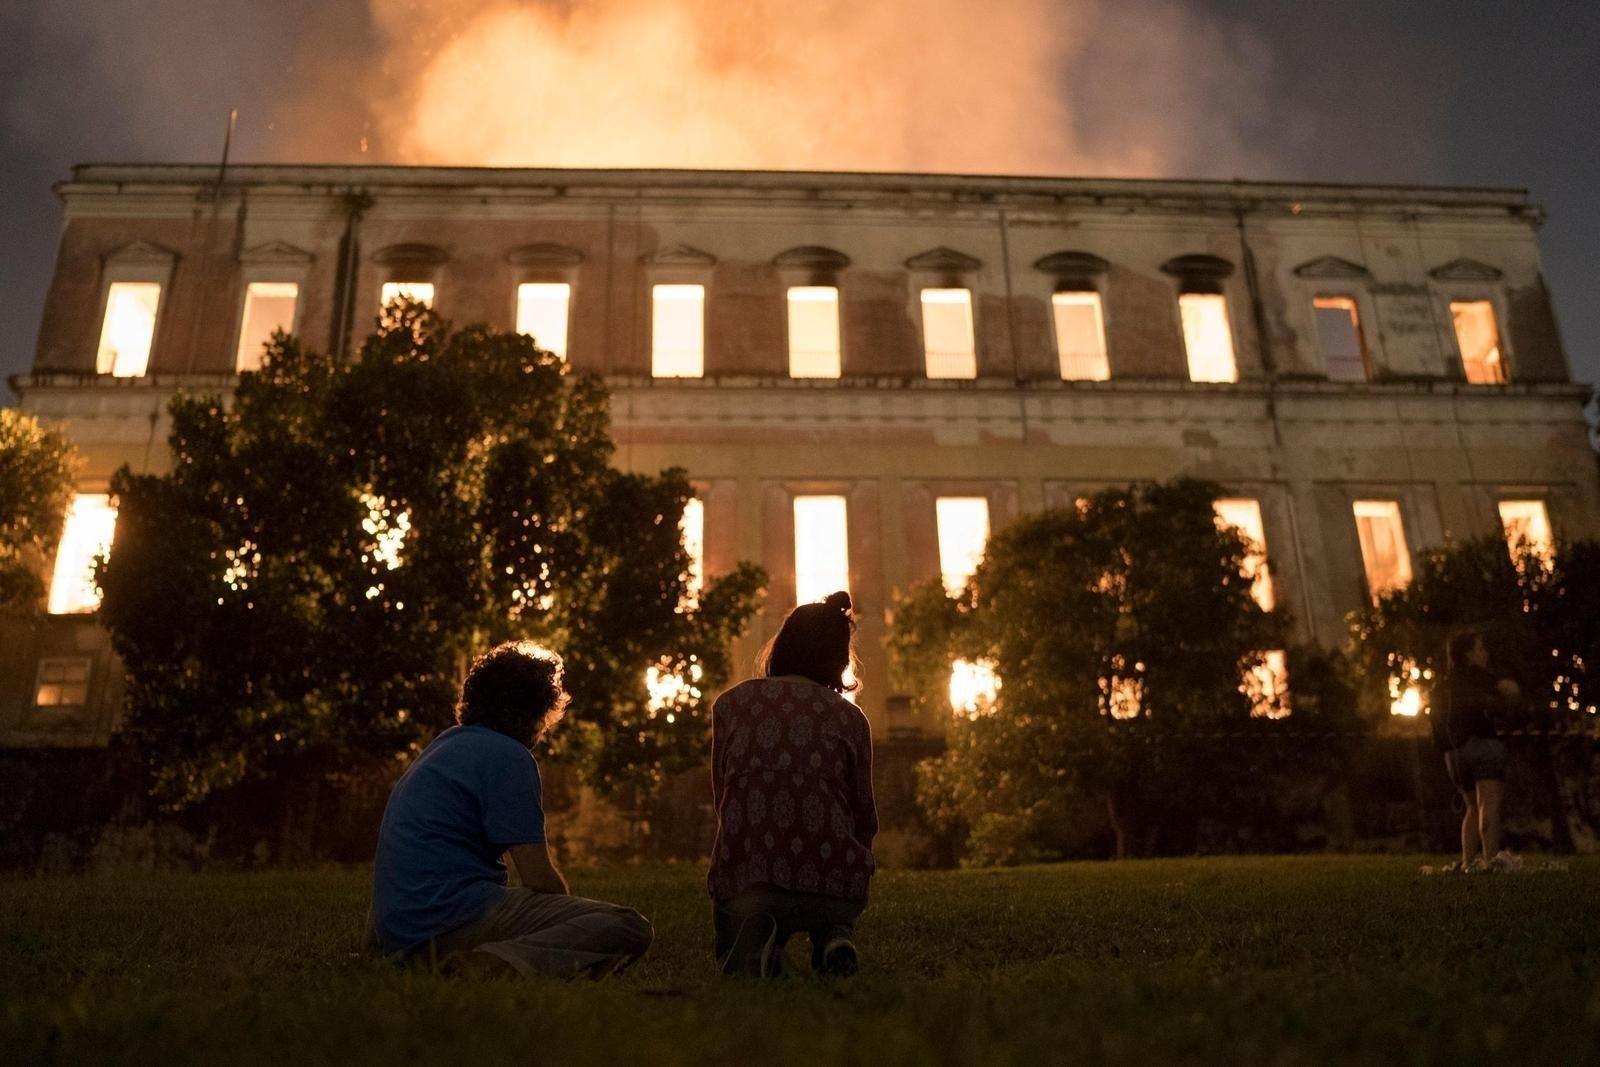 Бразилын үндэсний музейд шатаж устсан байж болзошгүй түүхийн 5 үнэт дурсгал